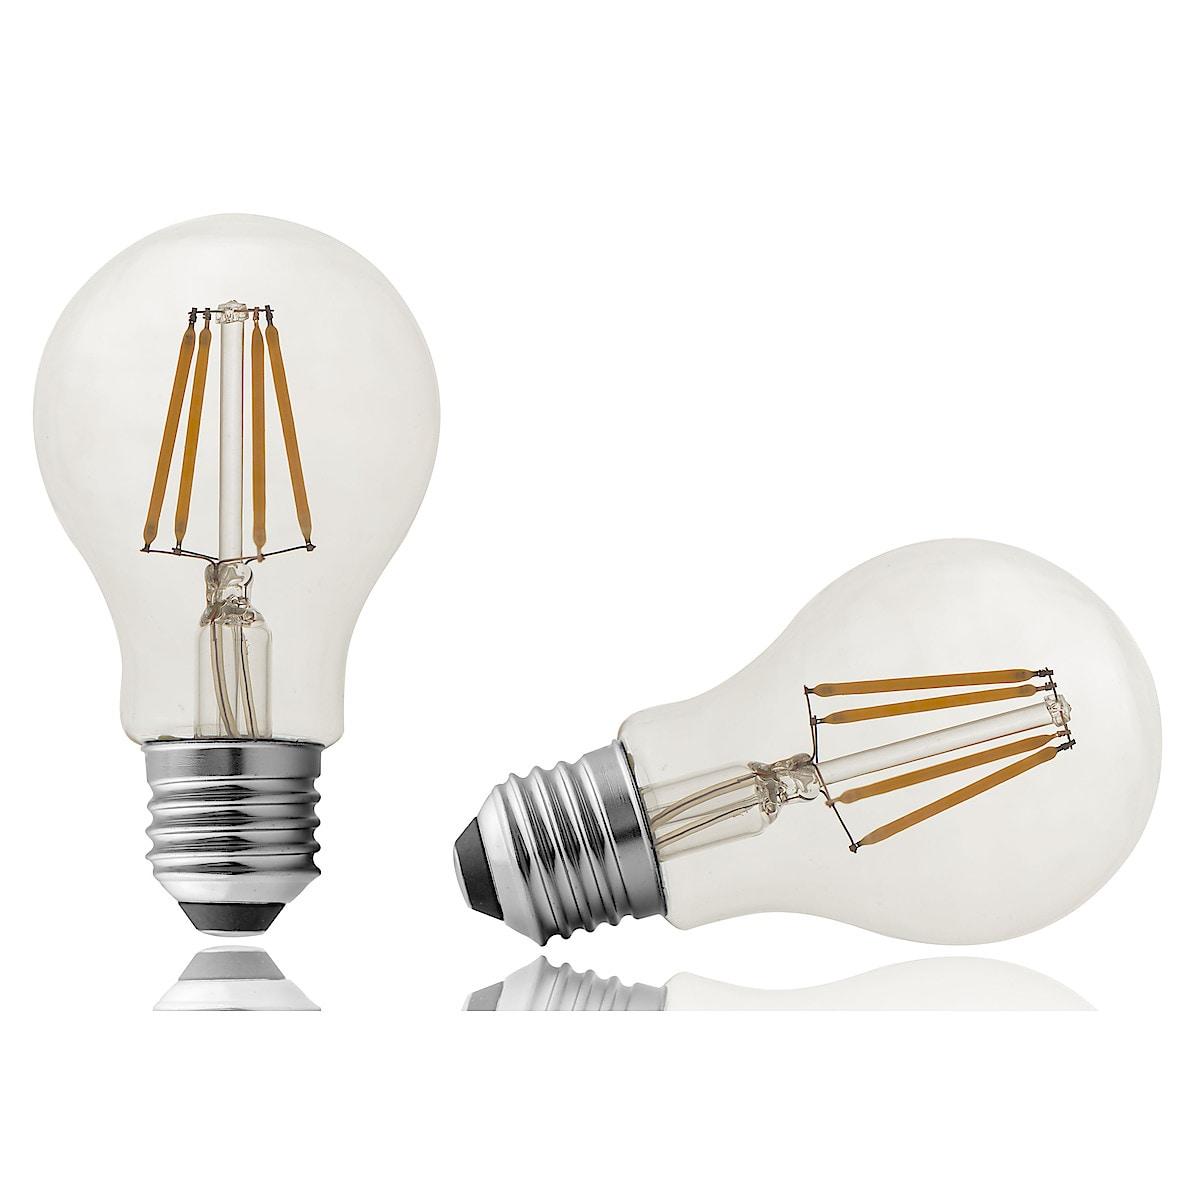 Dimbar normallampa LED E27 Clas Ohlson